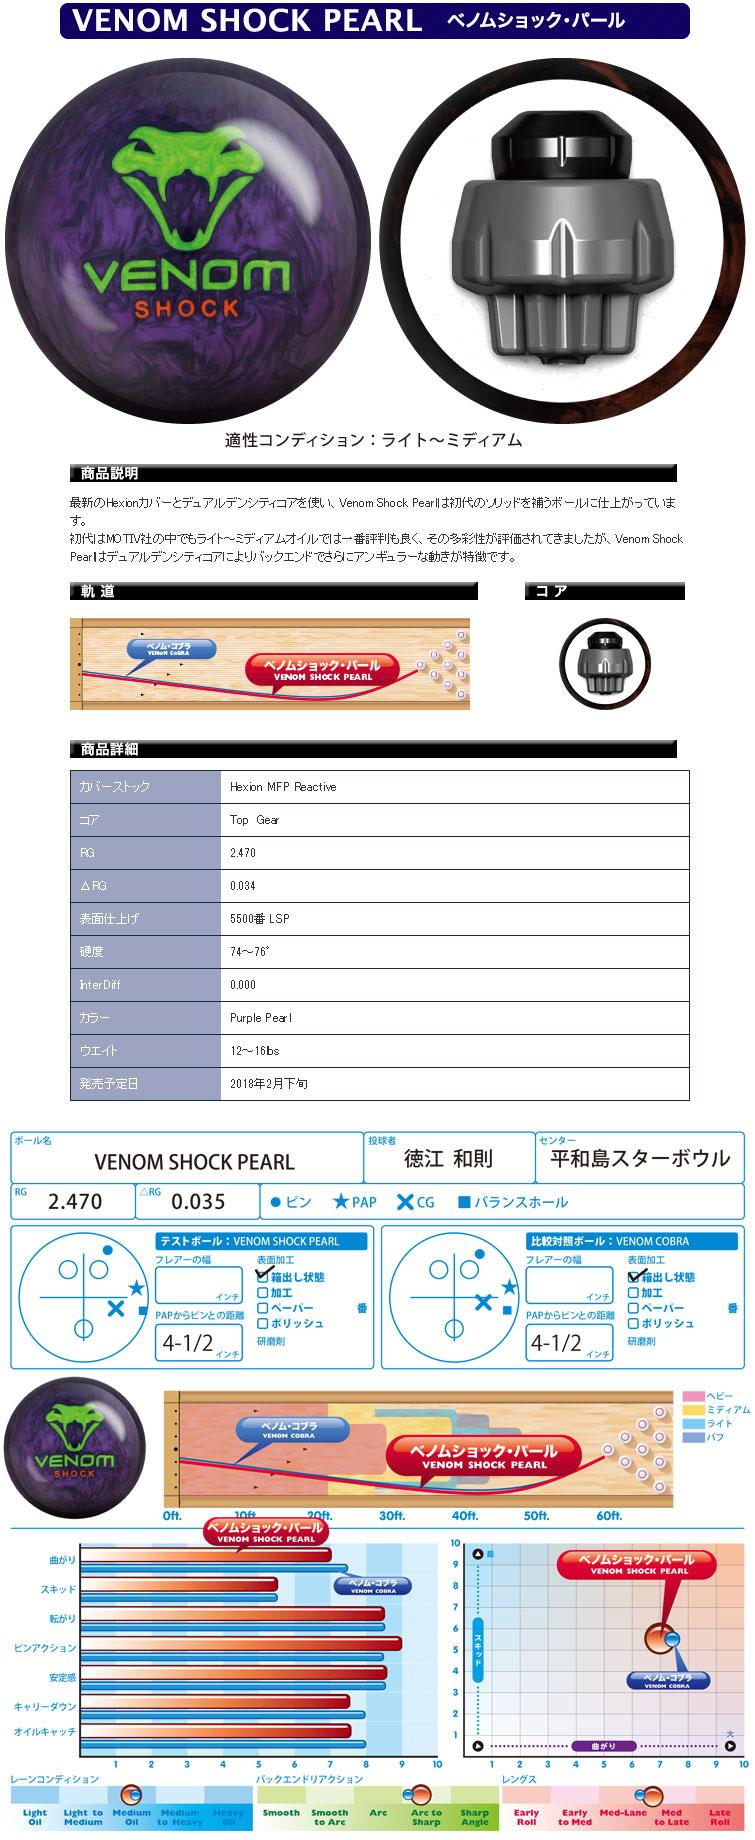 ボウリング用品 ボウリングボール モーティブ MOTIV ベノムショックパール VENOM SHOCK PEARL